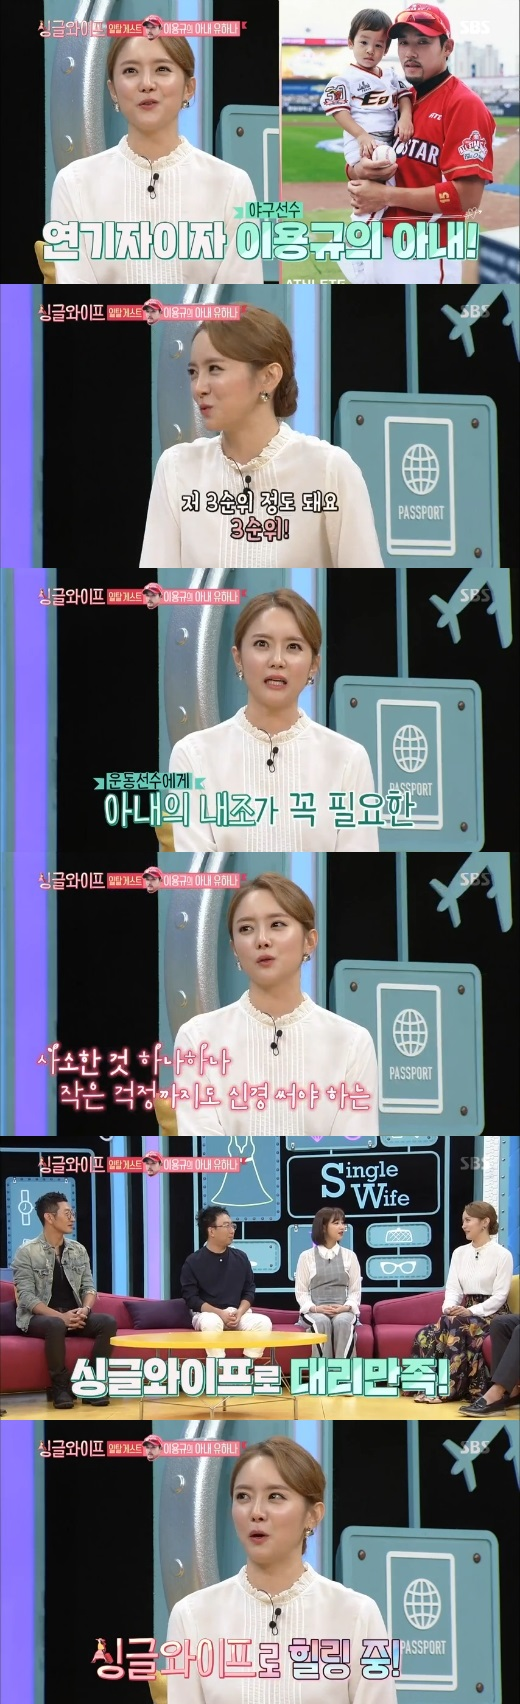 [夜TV] ¨`싱글와이프`로 힐링¨…유하나, 본격 대리만족 입담꾼